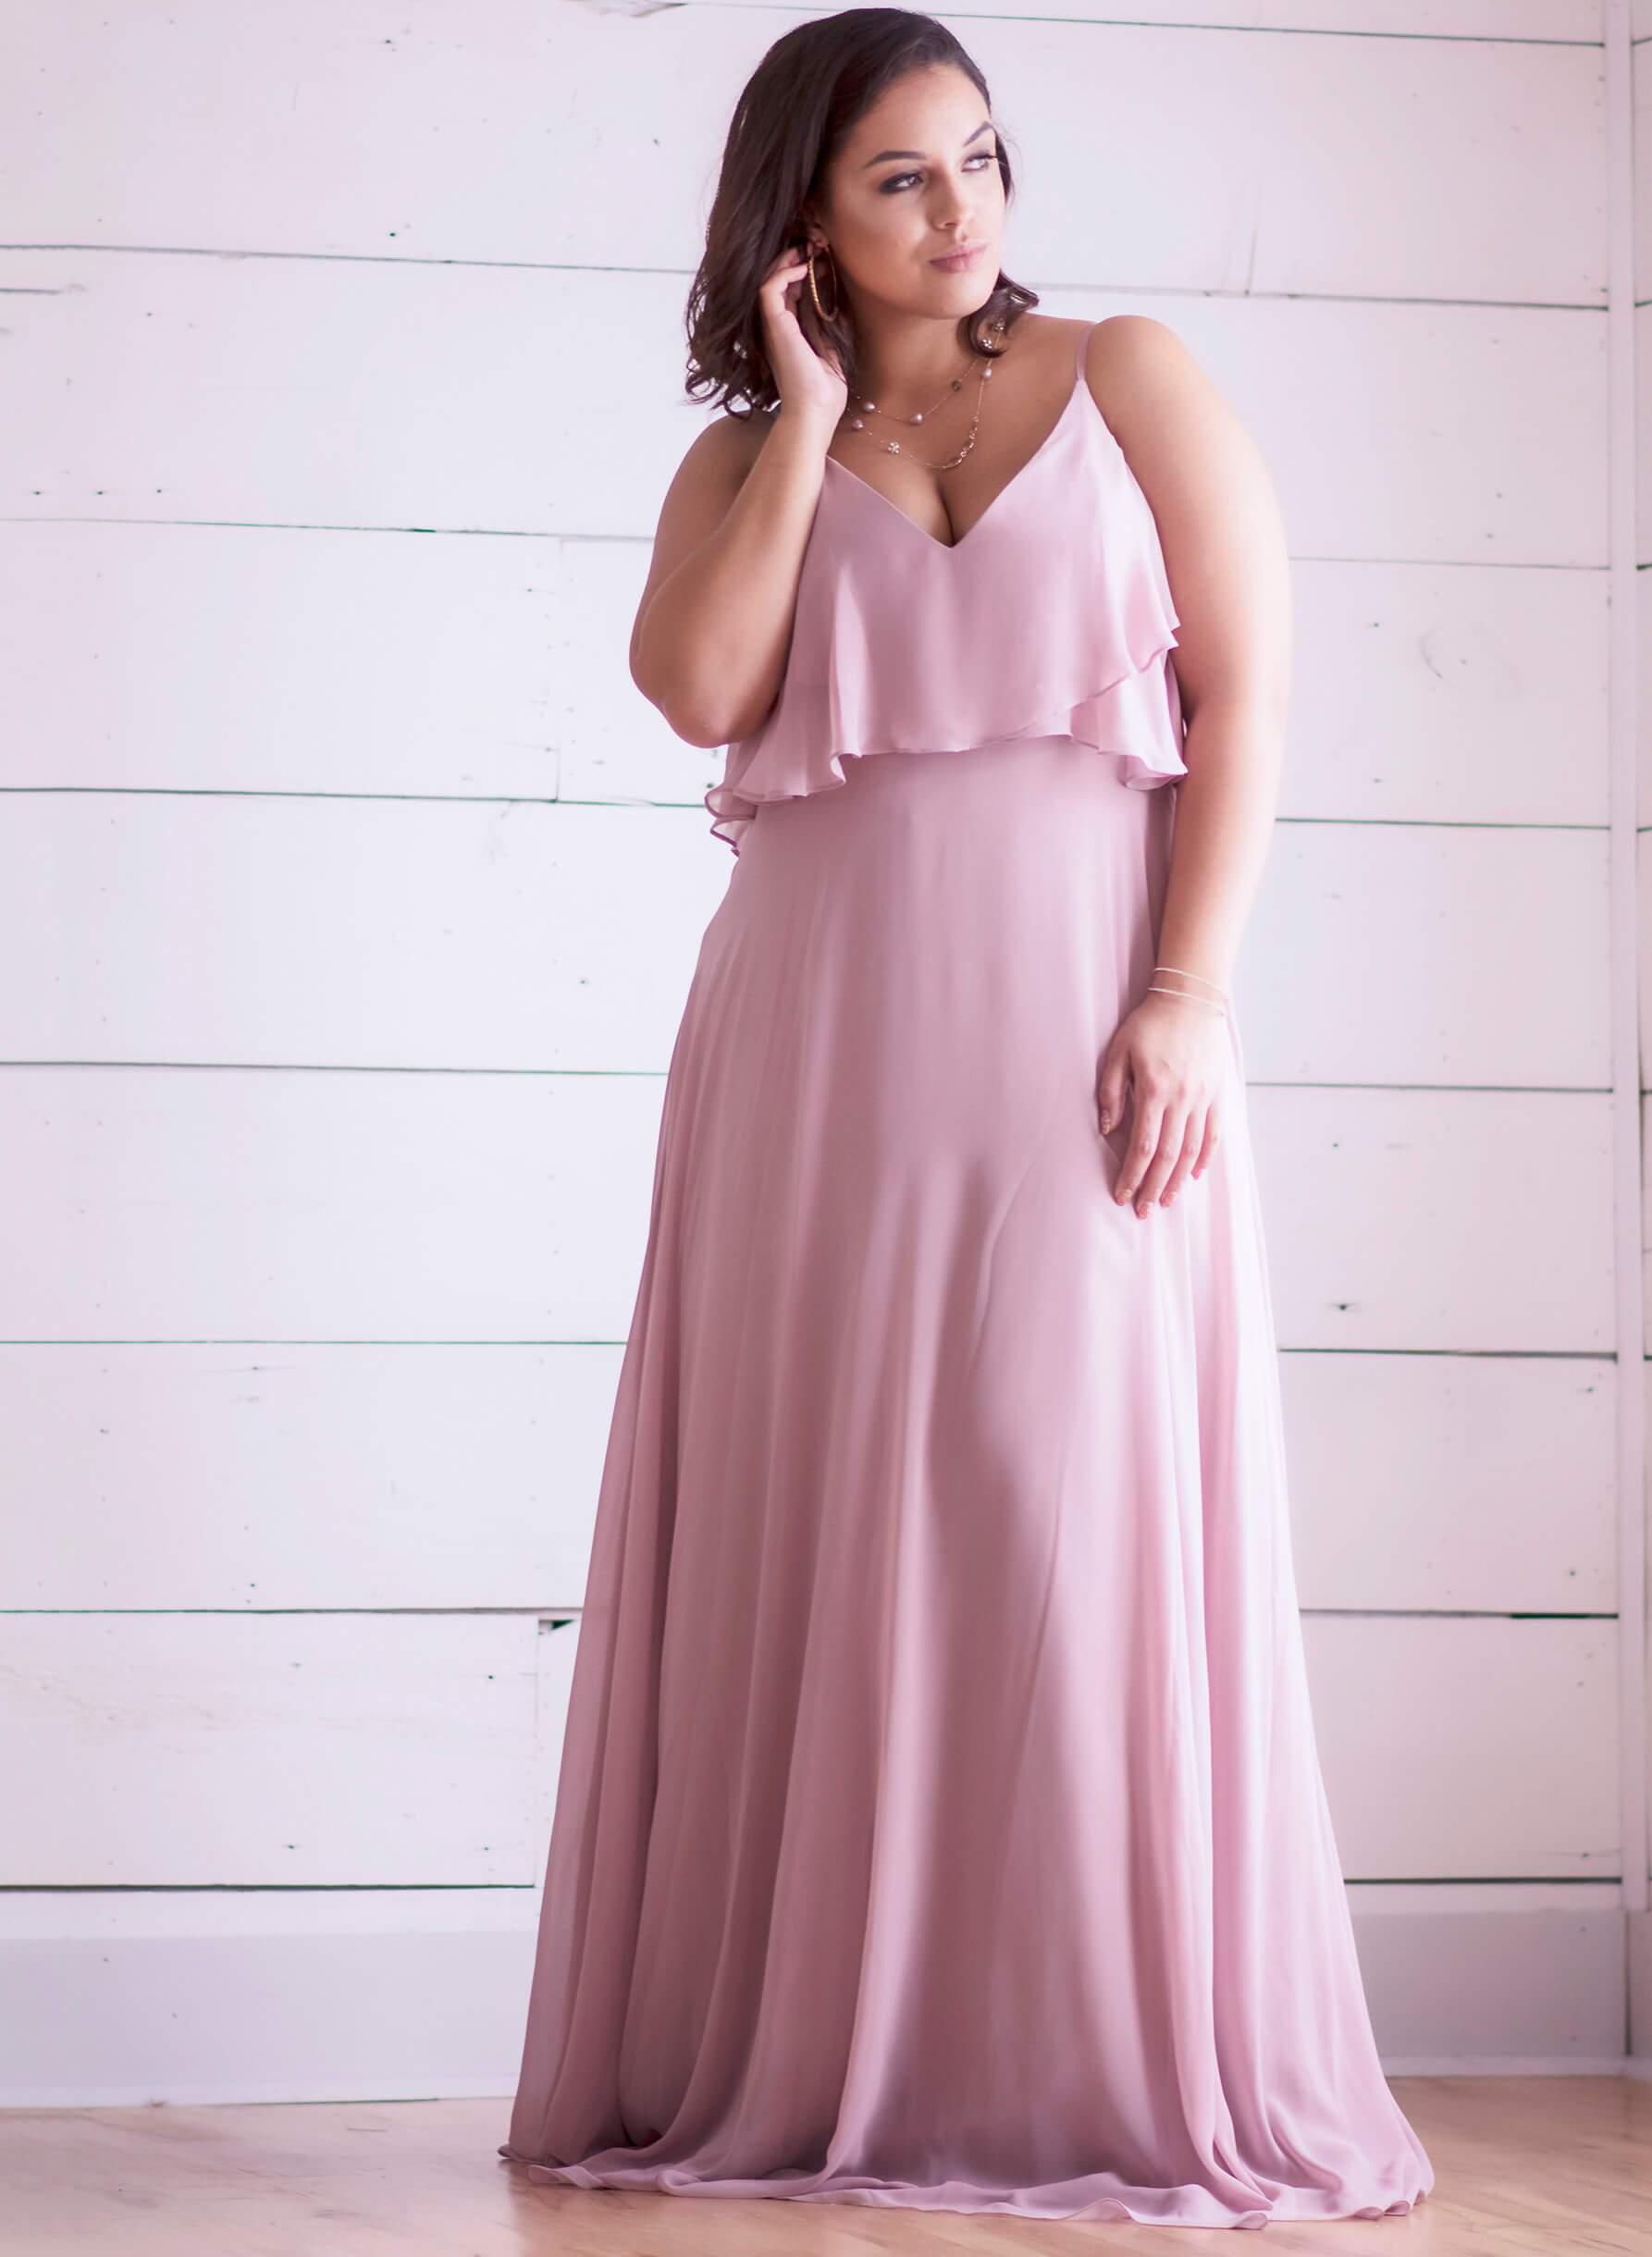 Seraphina Dress | Moda tallas grandes, Tallas grandes y Alta costura